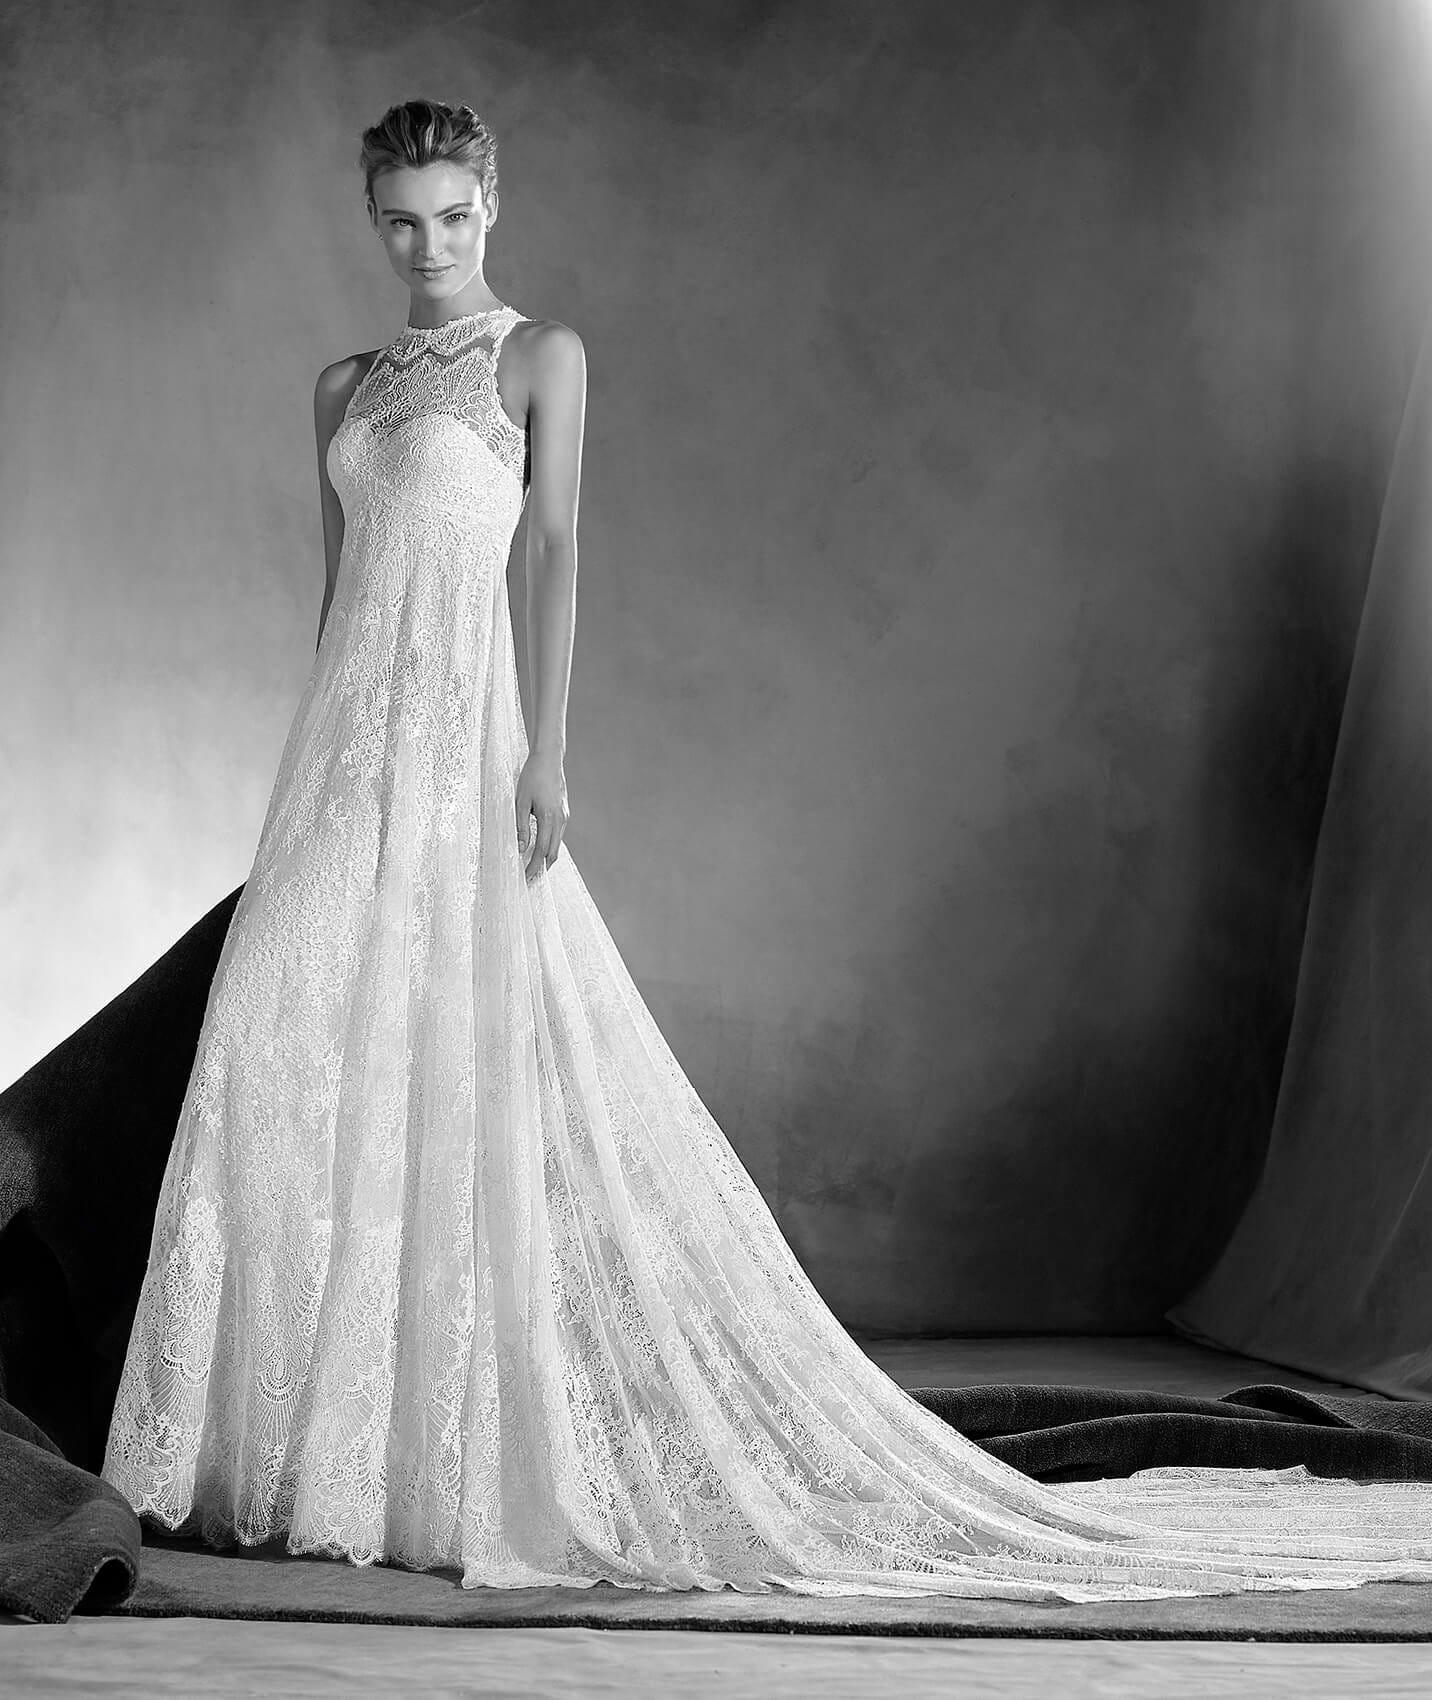 Elideth cвадебные платья